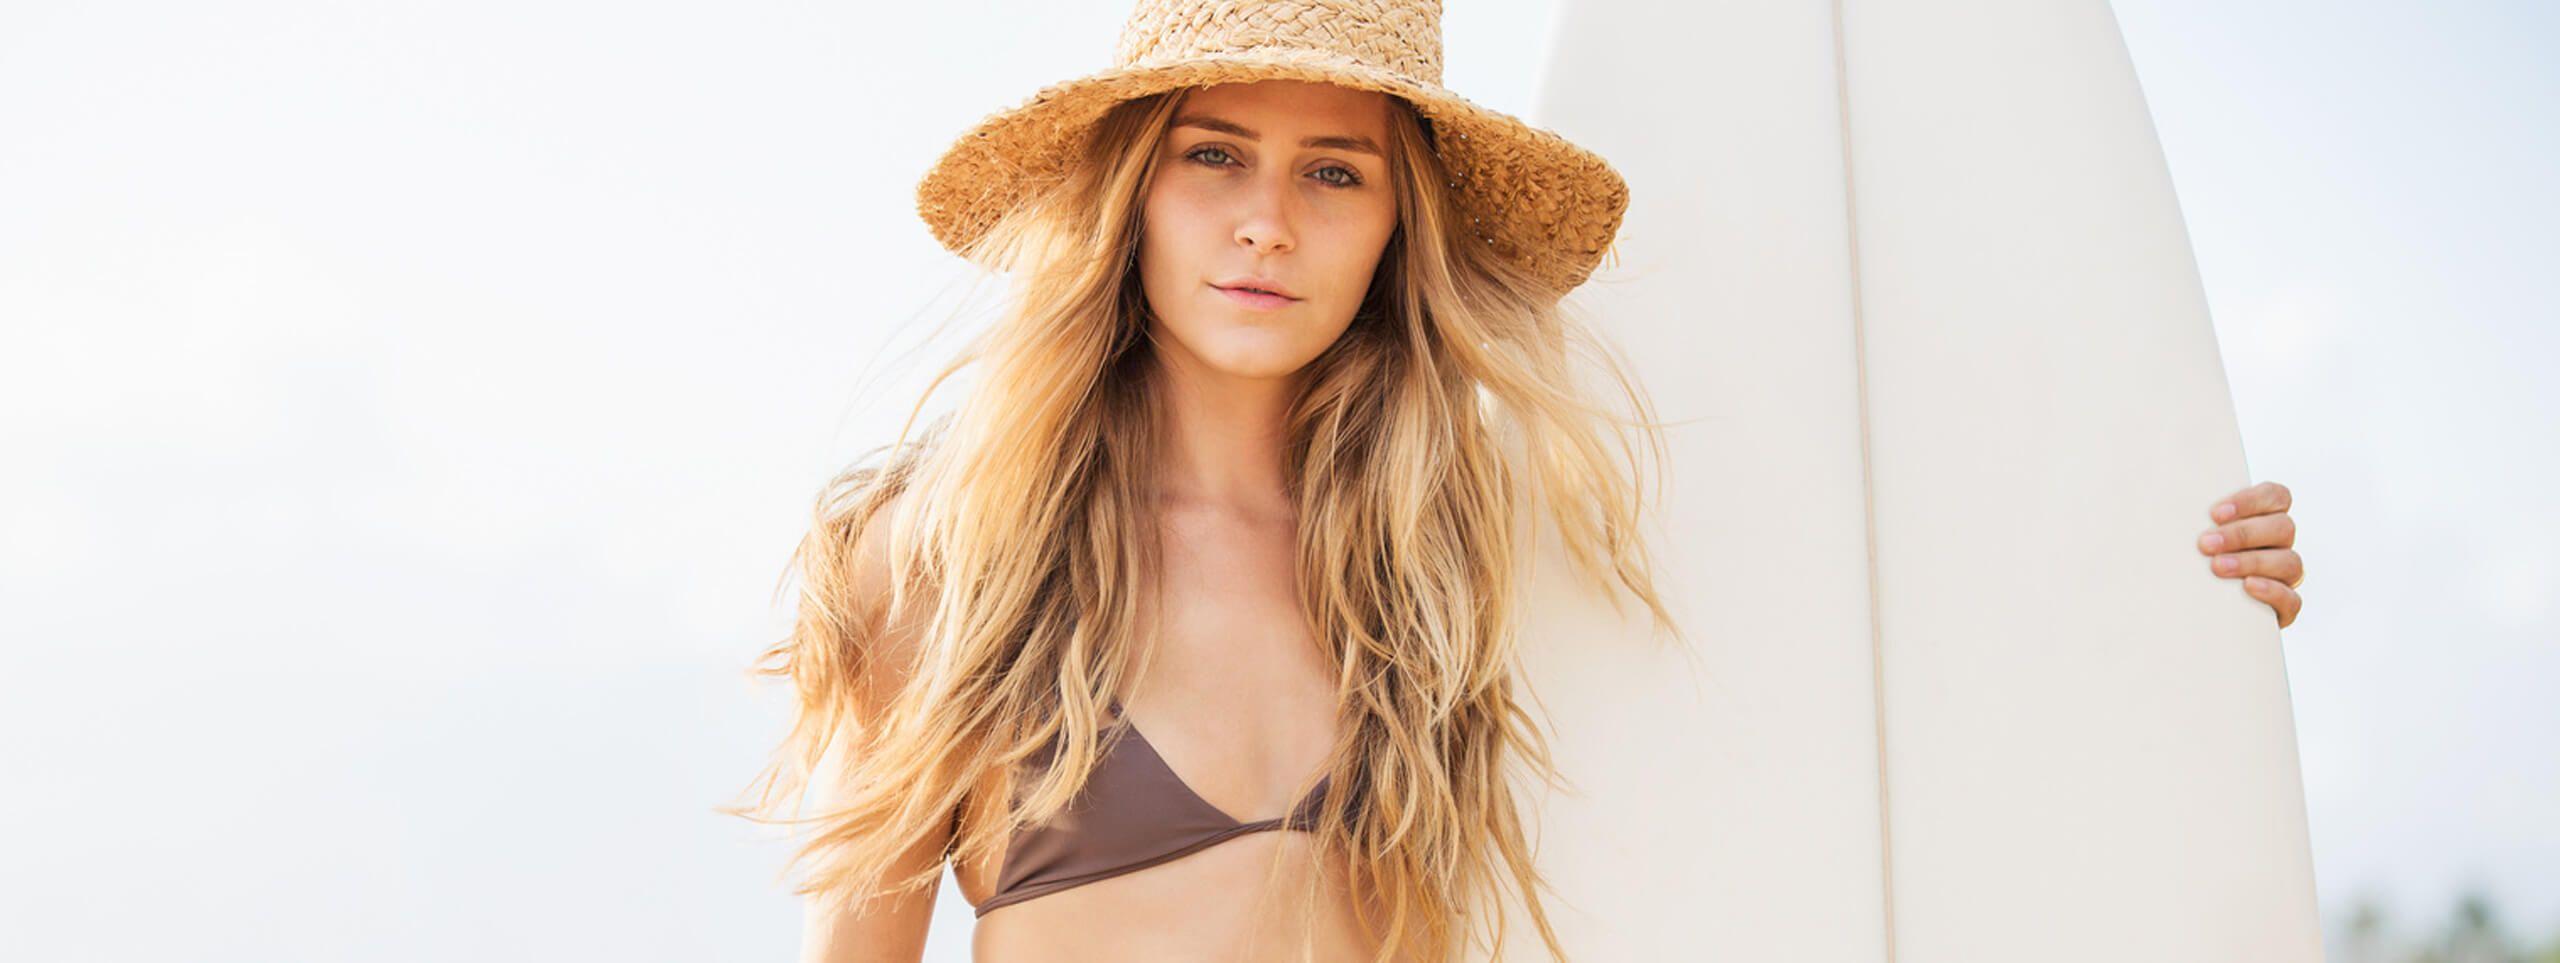 Modelo pelo largo en la playa